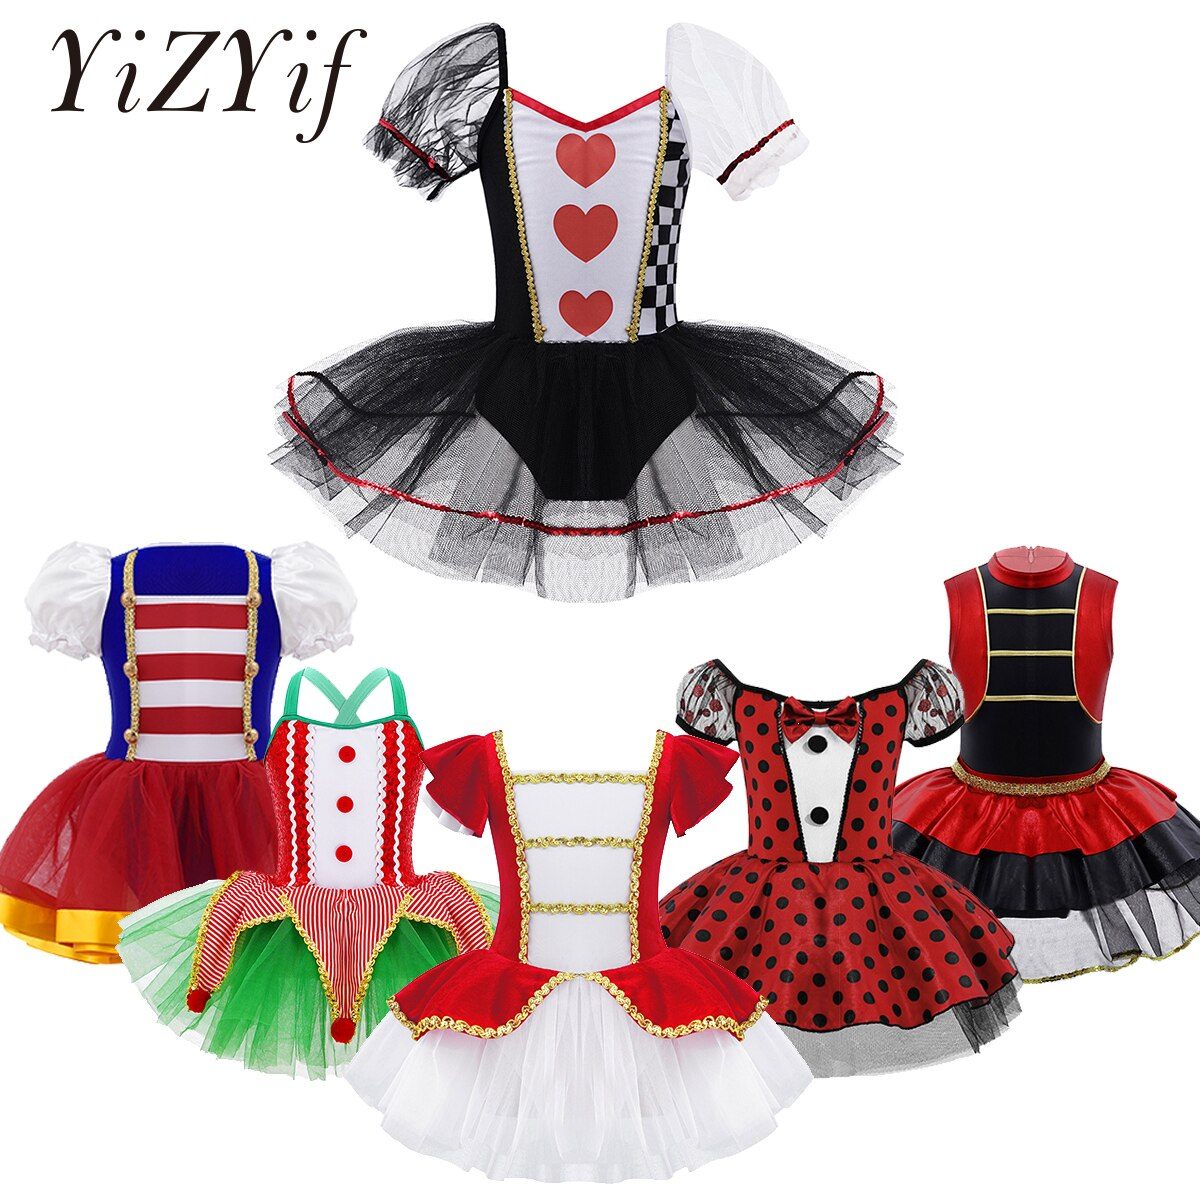 м мадера долина эдельвейсов и день рождения принцессы Детское платье для косплея и представлений для девочек, костюм принцессы, детское платье на день рождения, Рождество, Хэллоуин, нарядное бал...